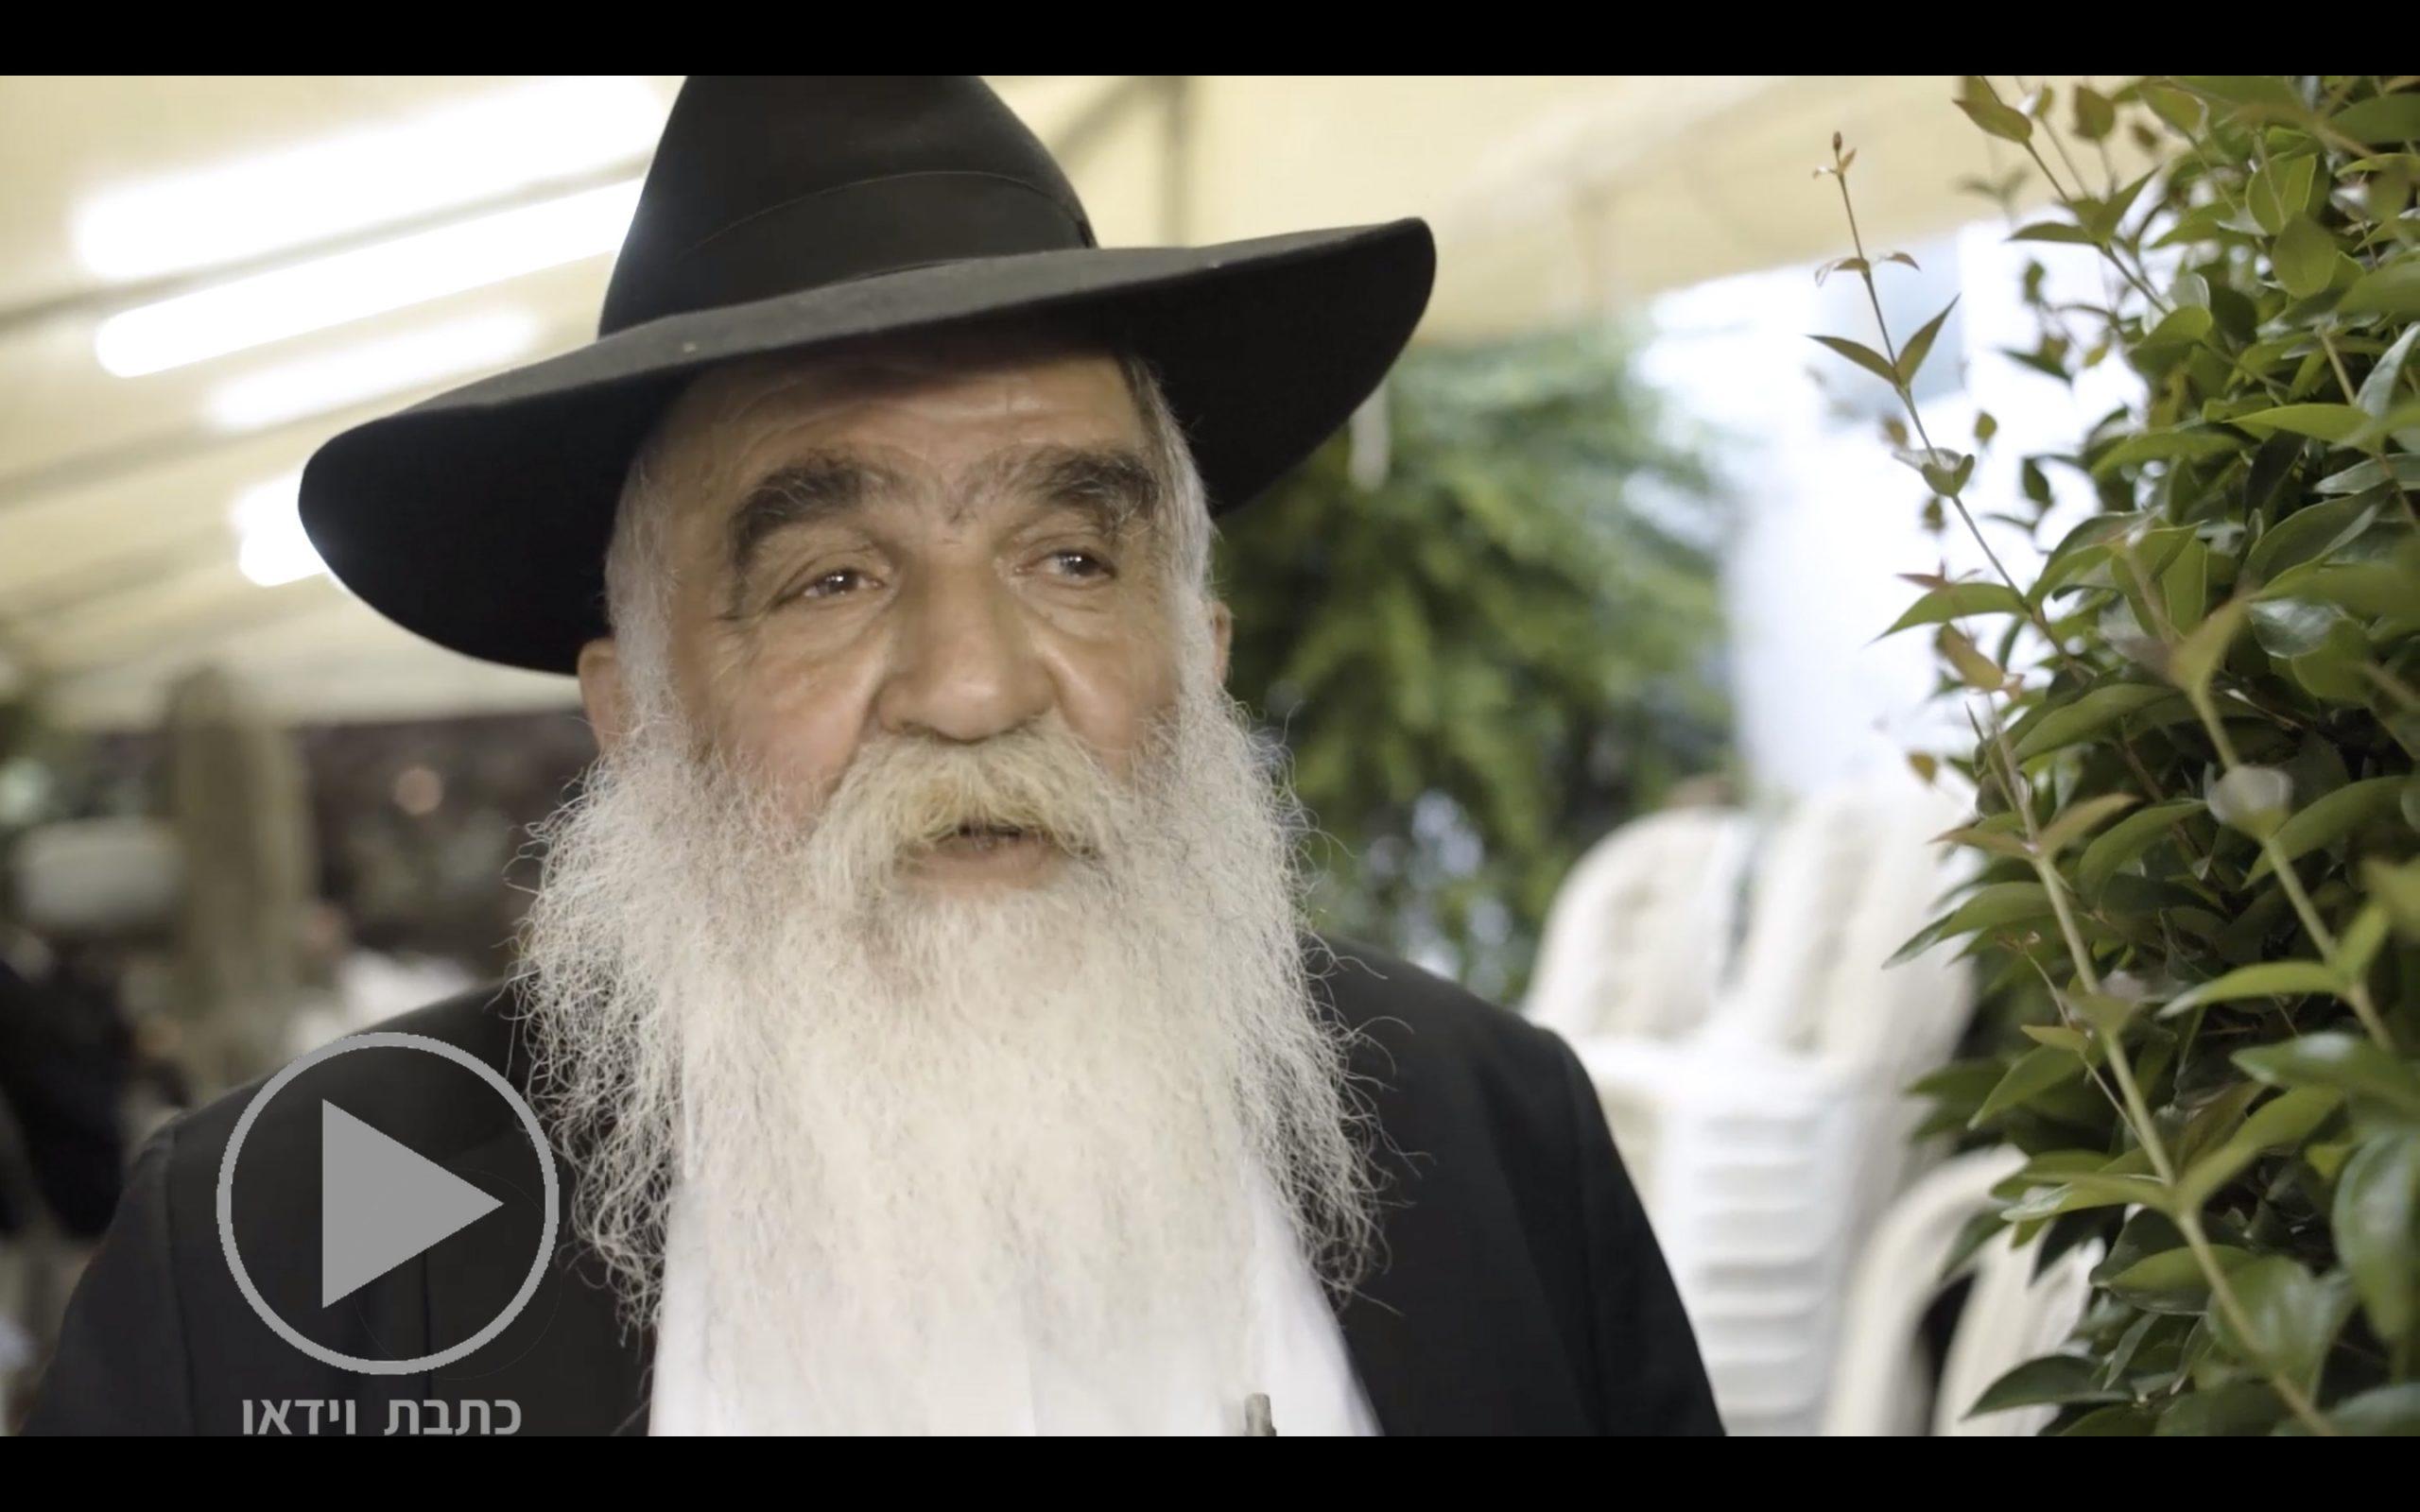 ״הוא היה הדמות המרכזית ביותר לכל התלמידים!״ מילותיו של הרב משה אדרעי שיחי׳ על הרב צבי גרינוולד ז״ל